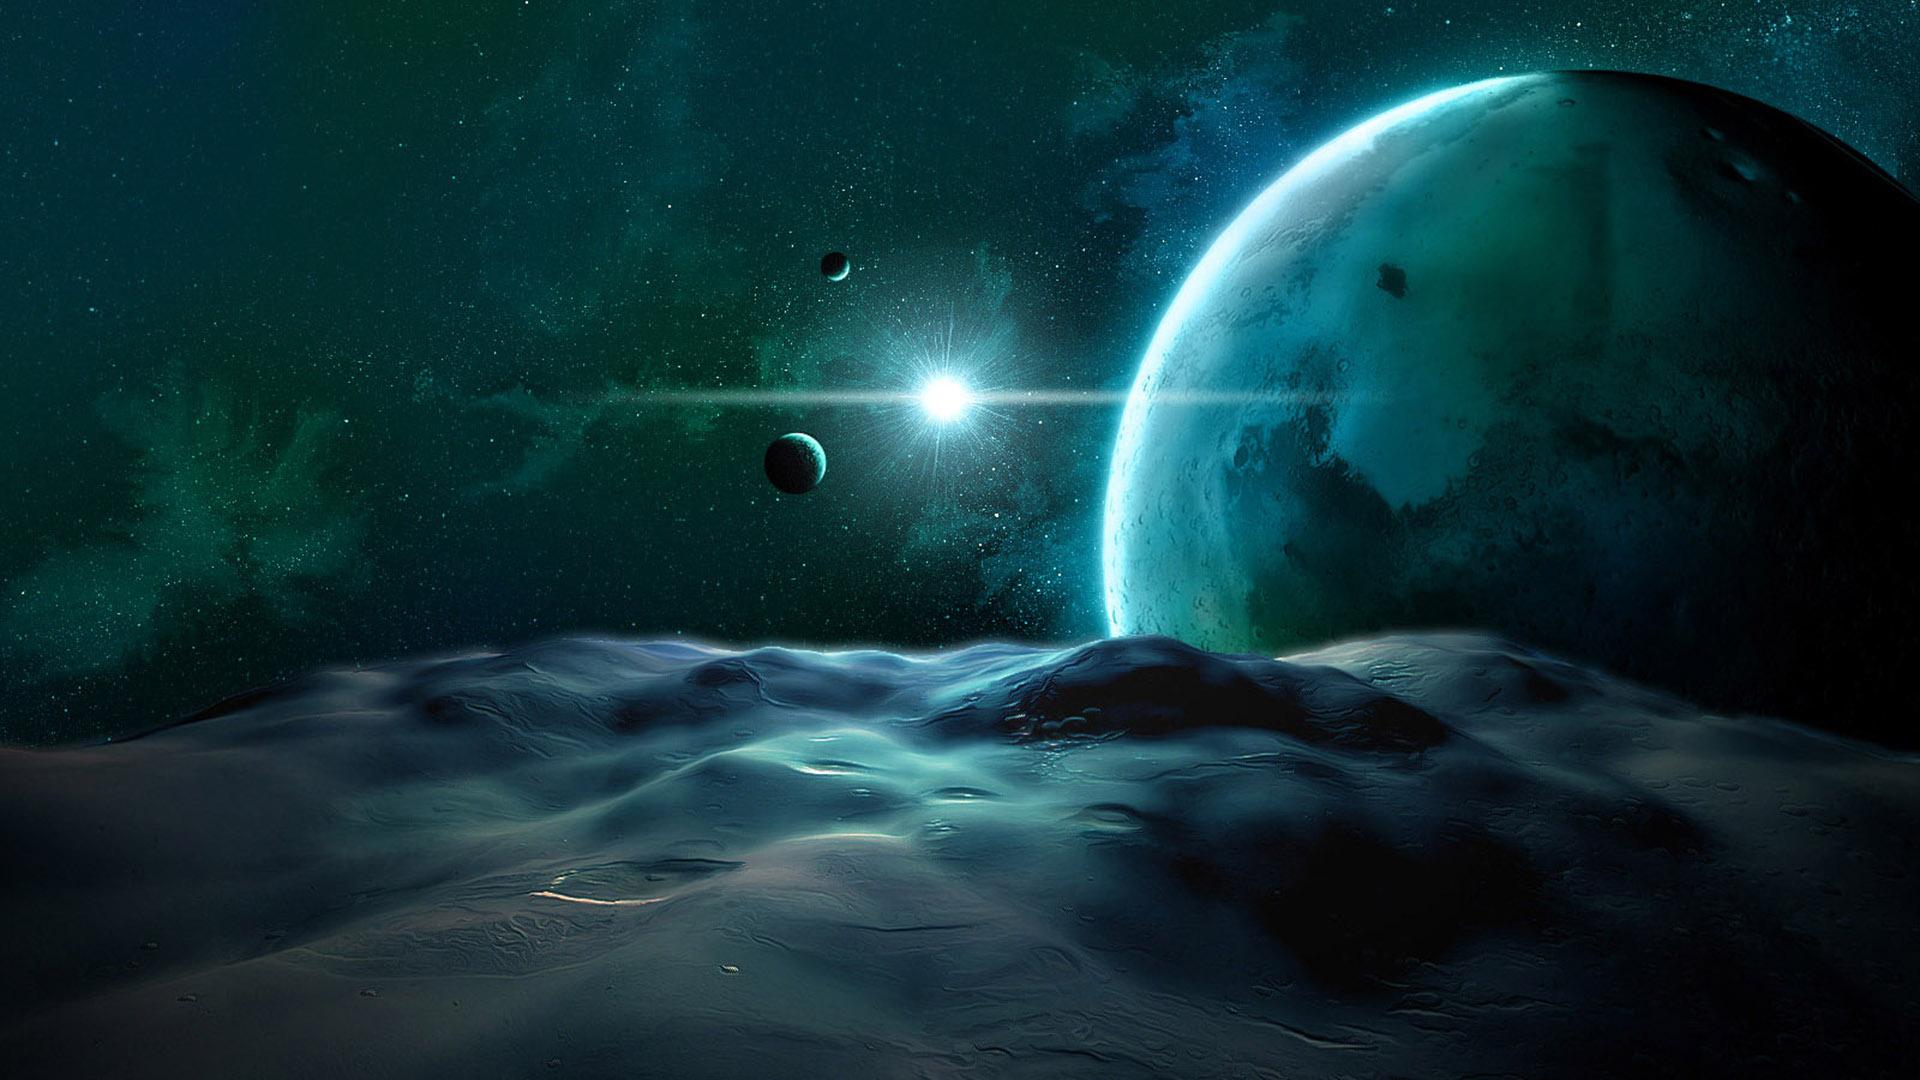 space art wallpaper 1920x1080 1920x1080 Space art Universe 1920x1080